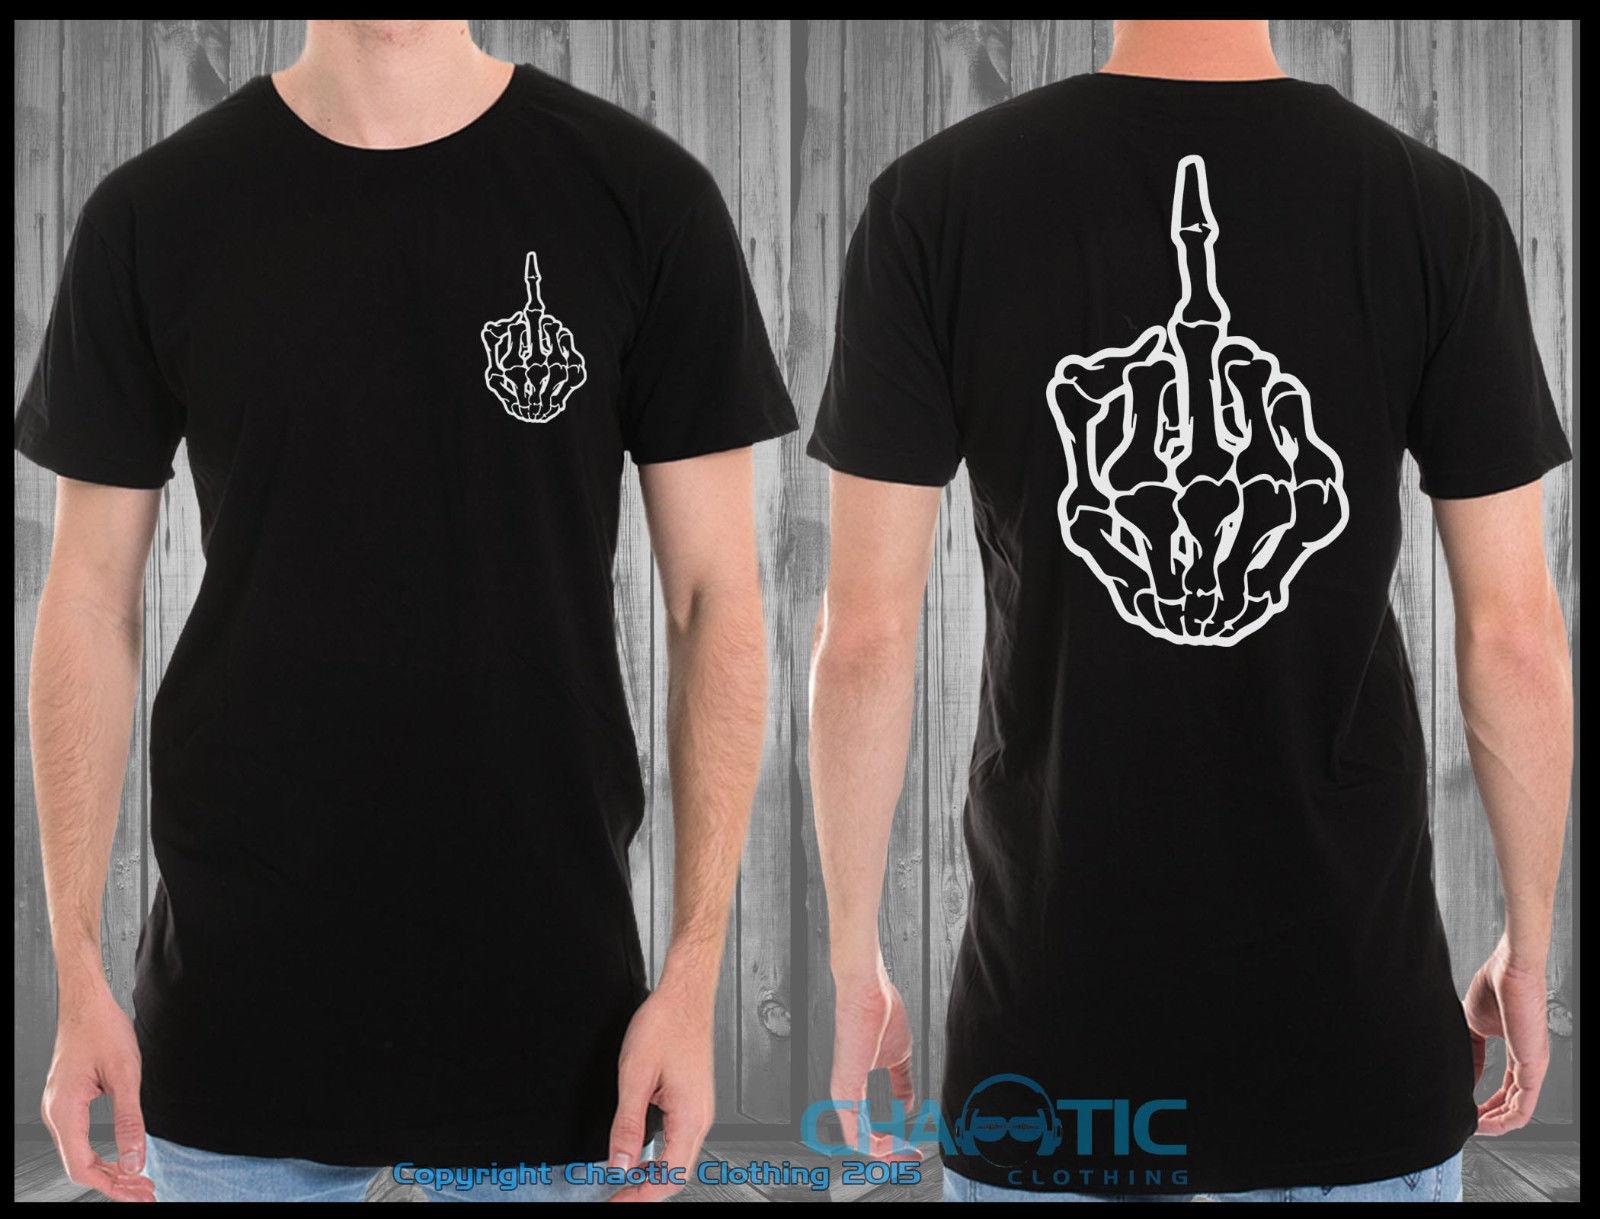 Nouveau célèbre hommes hauts t-shirts haut marque mince vêtements grand palangre t-shirt squelette doigt Hipster Festival de mode Hip Hop t-shirt